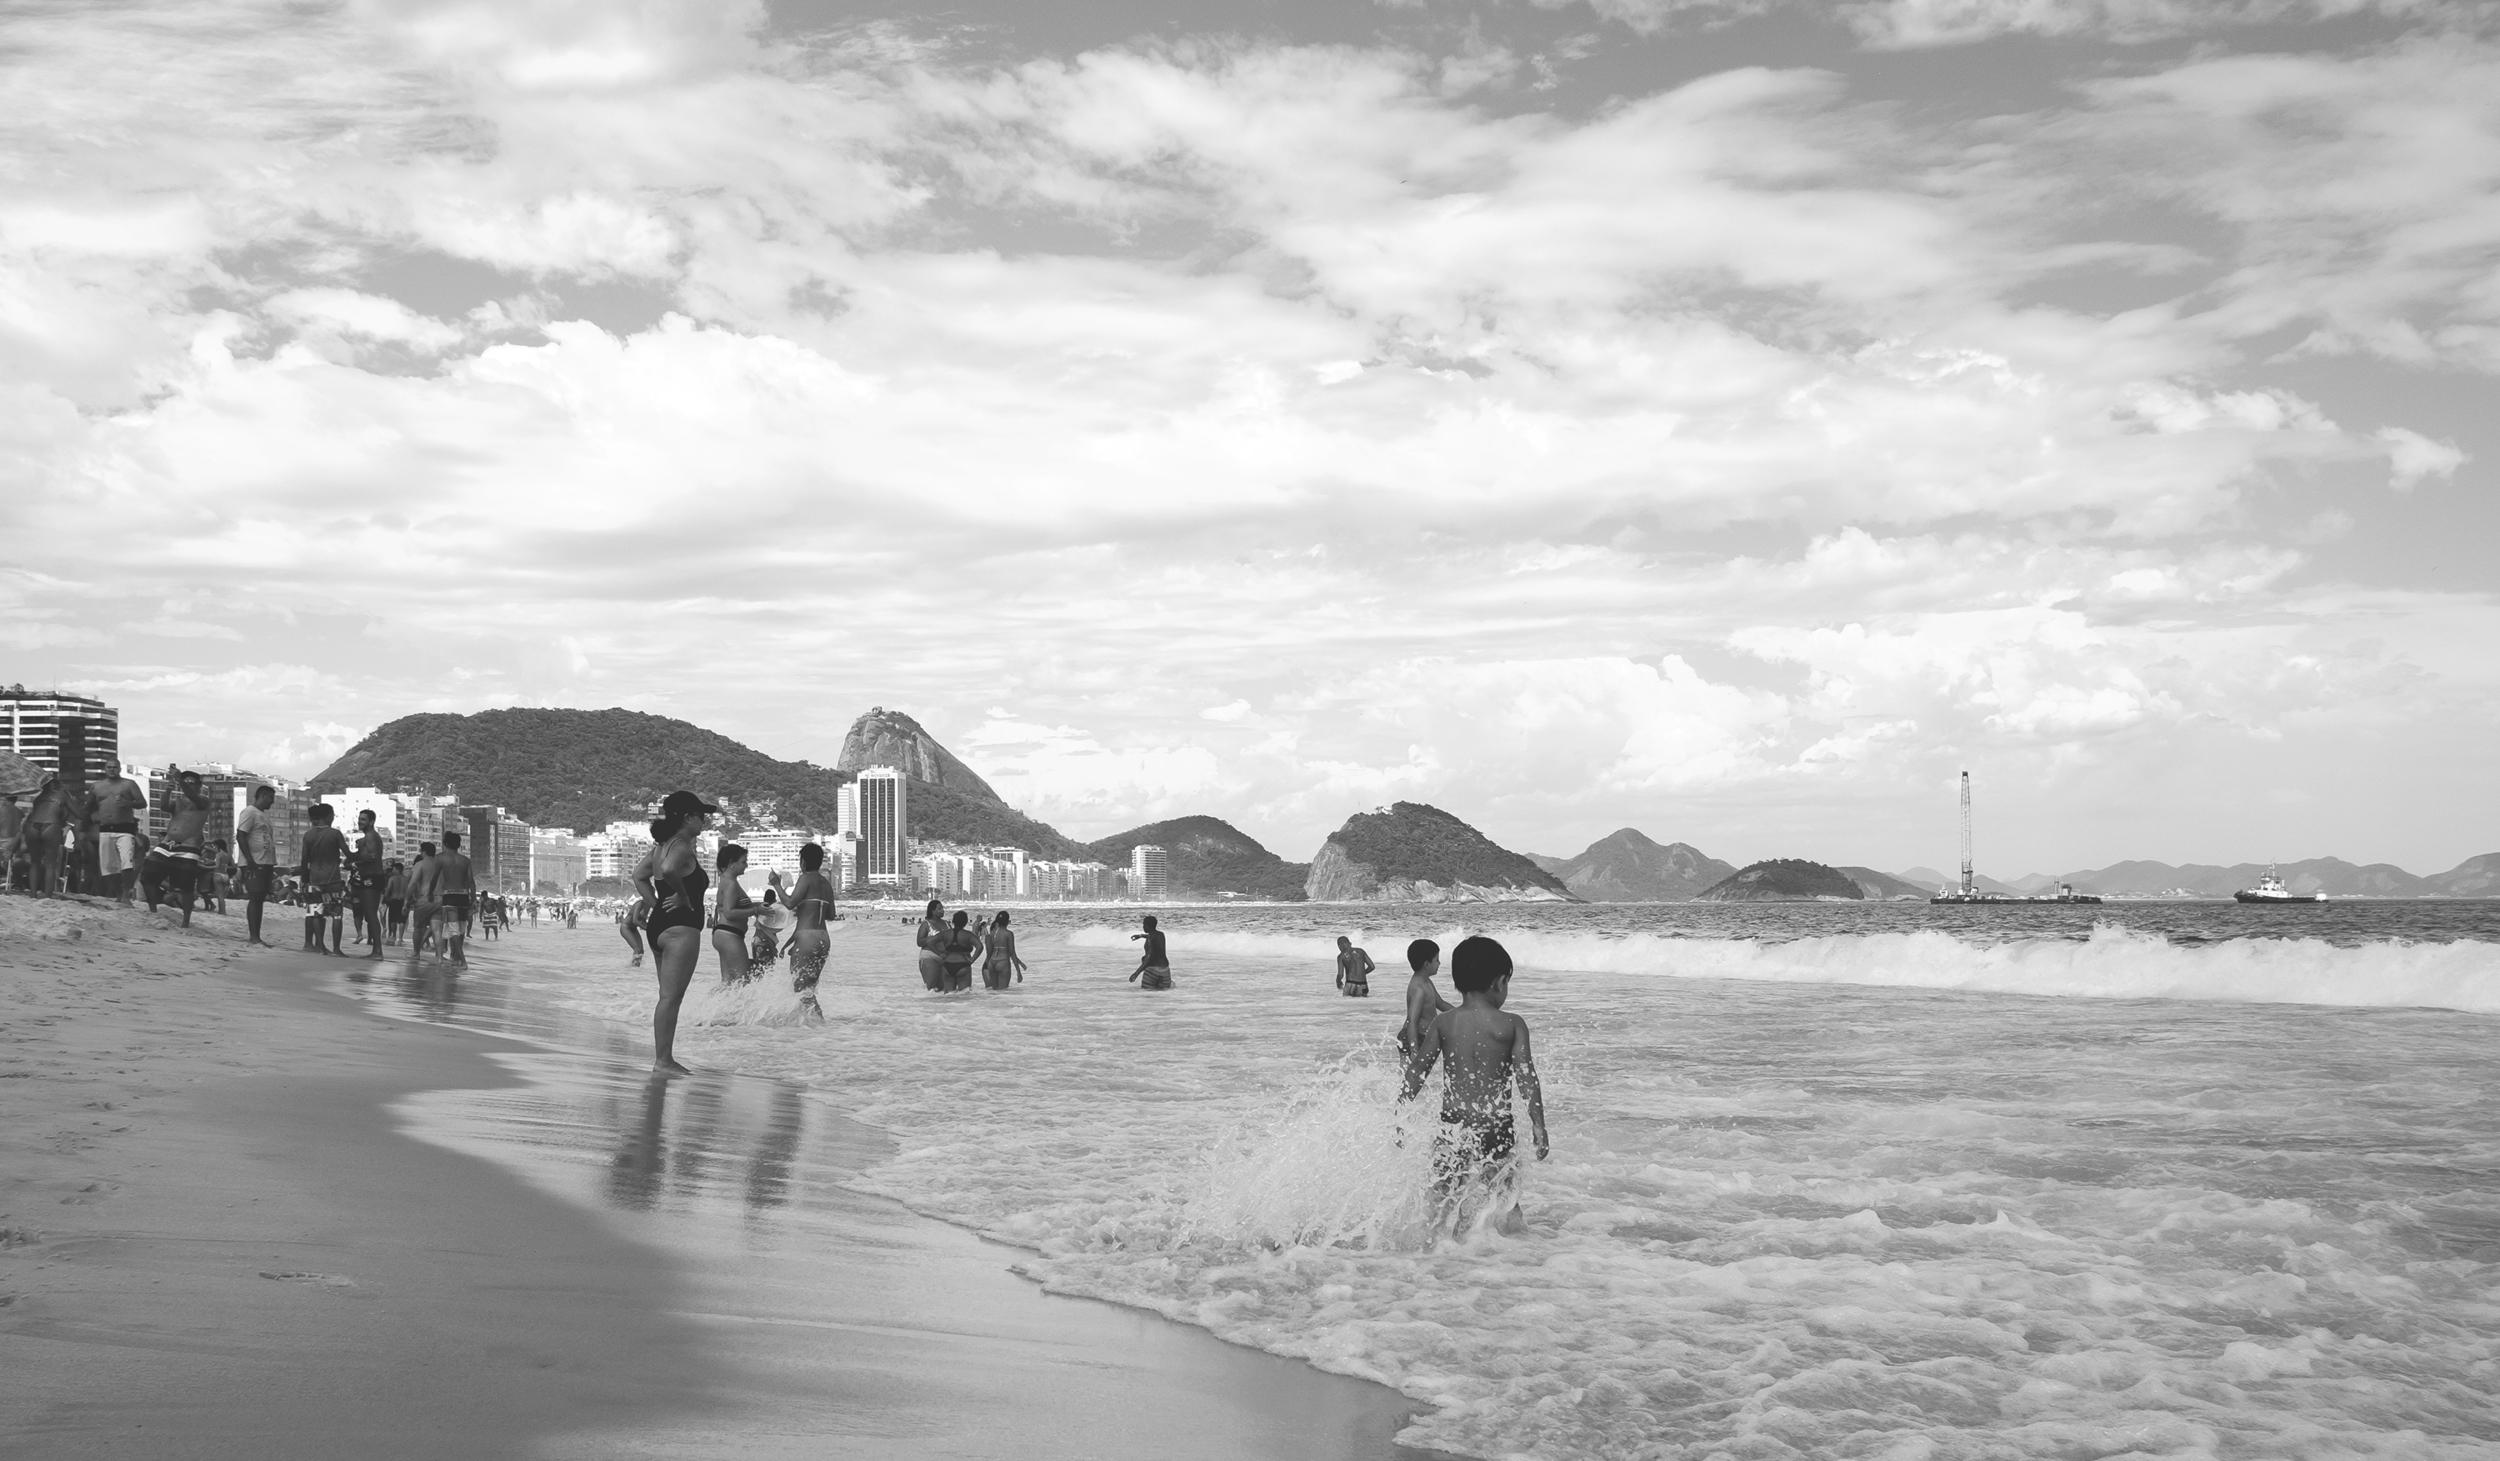 beach_!_copacabana_painterly skies.jpg